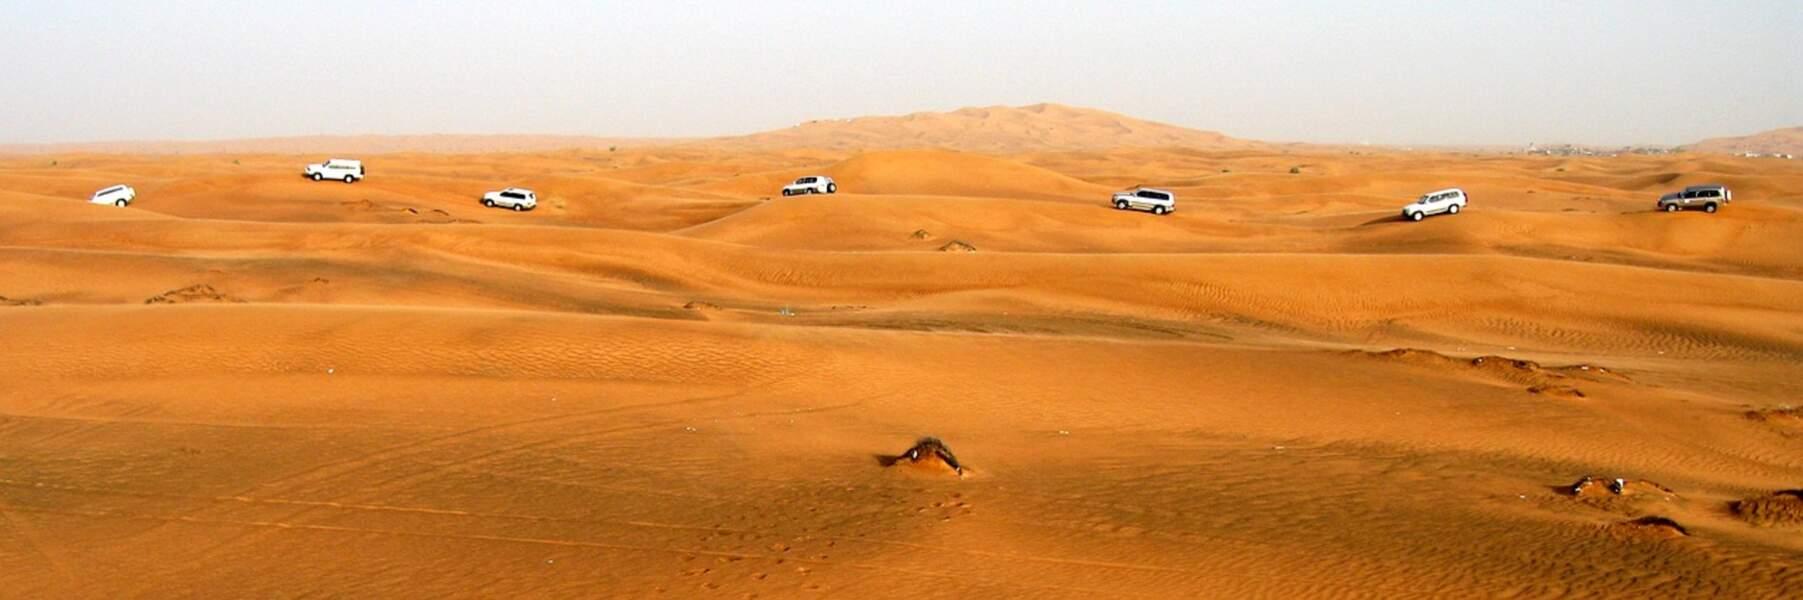 Désert d'Arabie- 2 331 000 km²